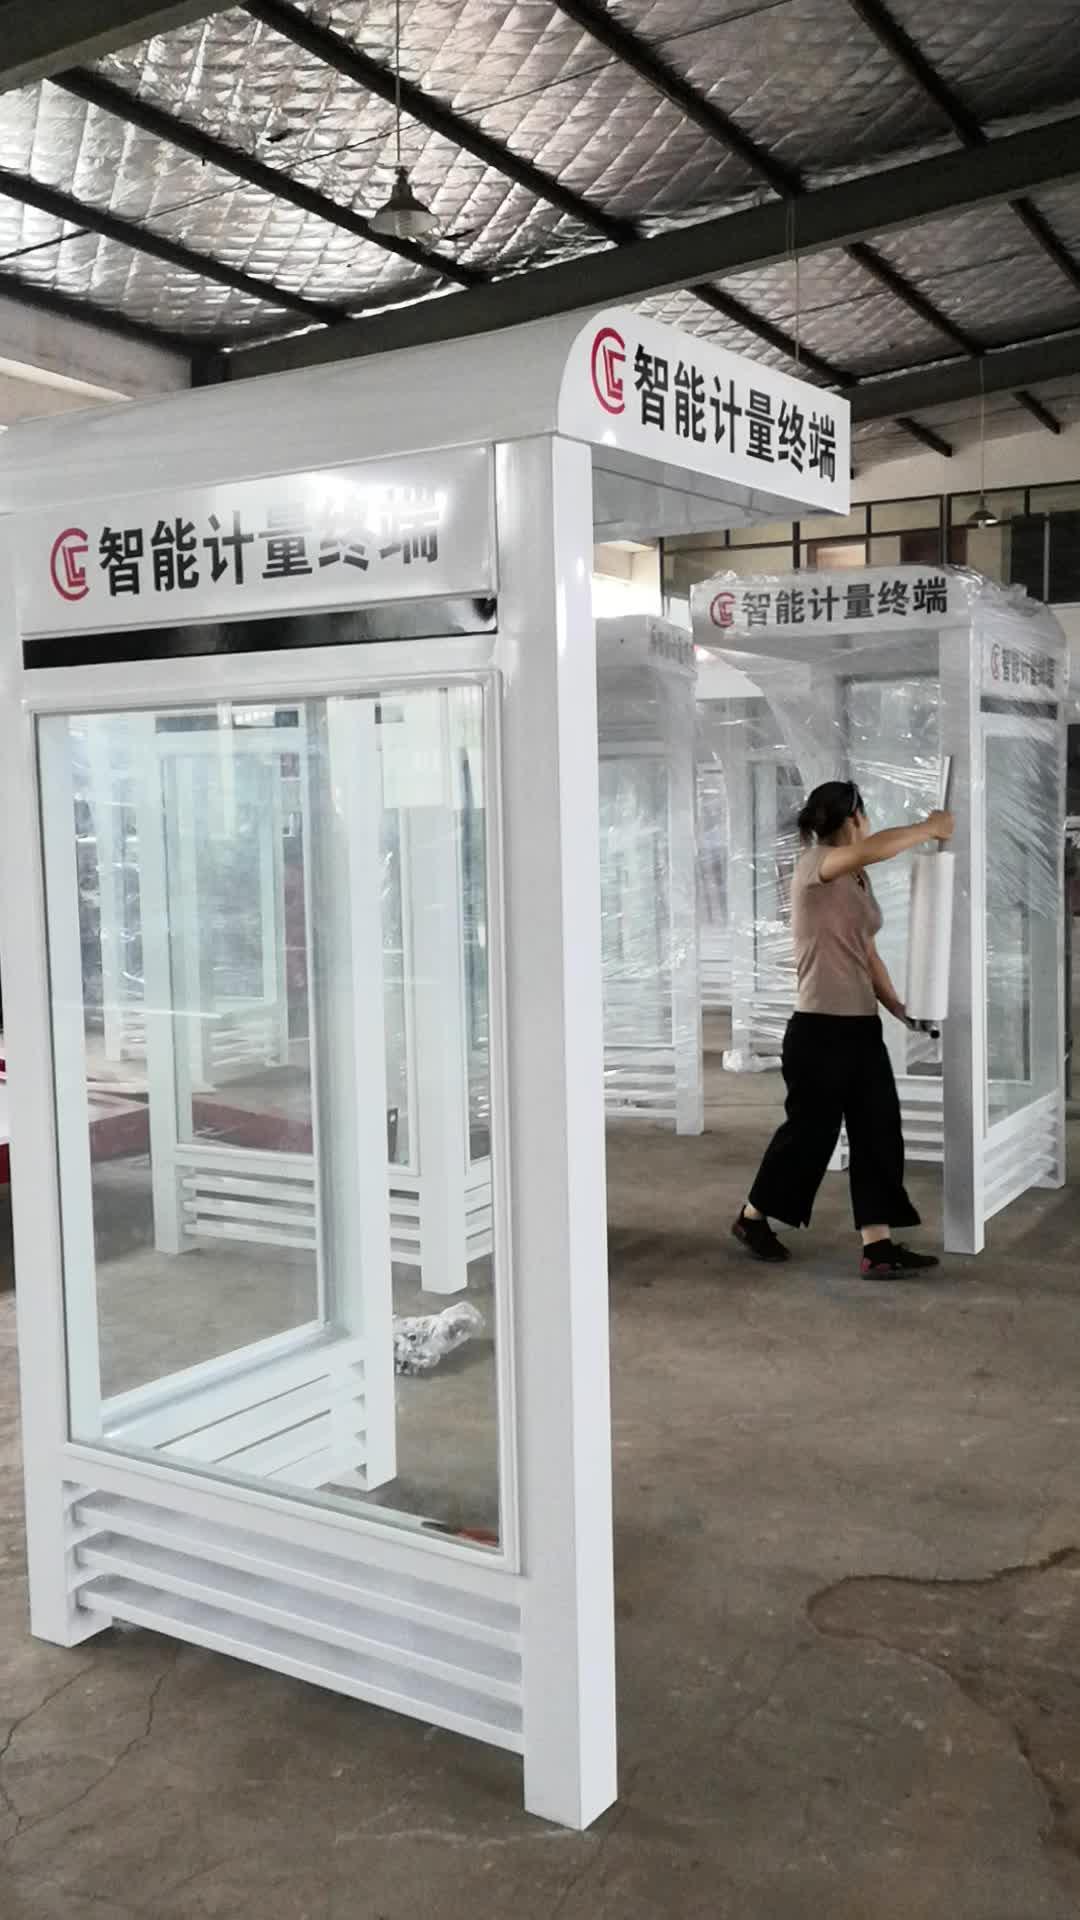 常规邮政储蓄ATM防护罩/邮政银行自动柜员机防护罩价格